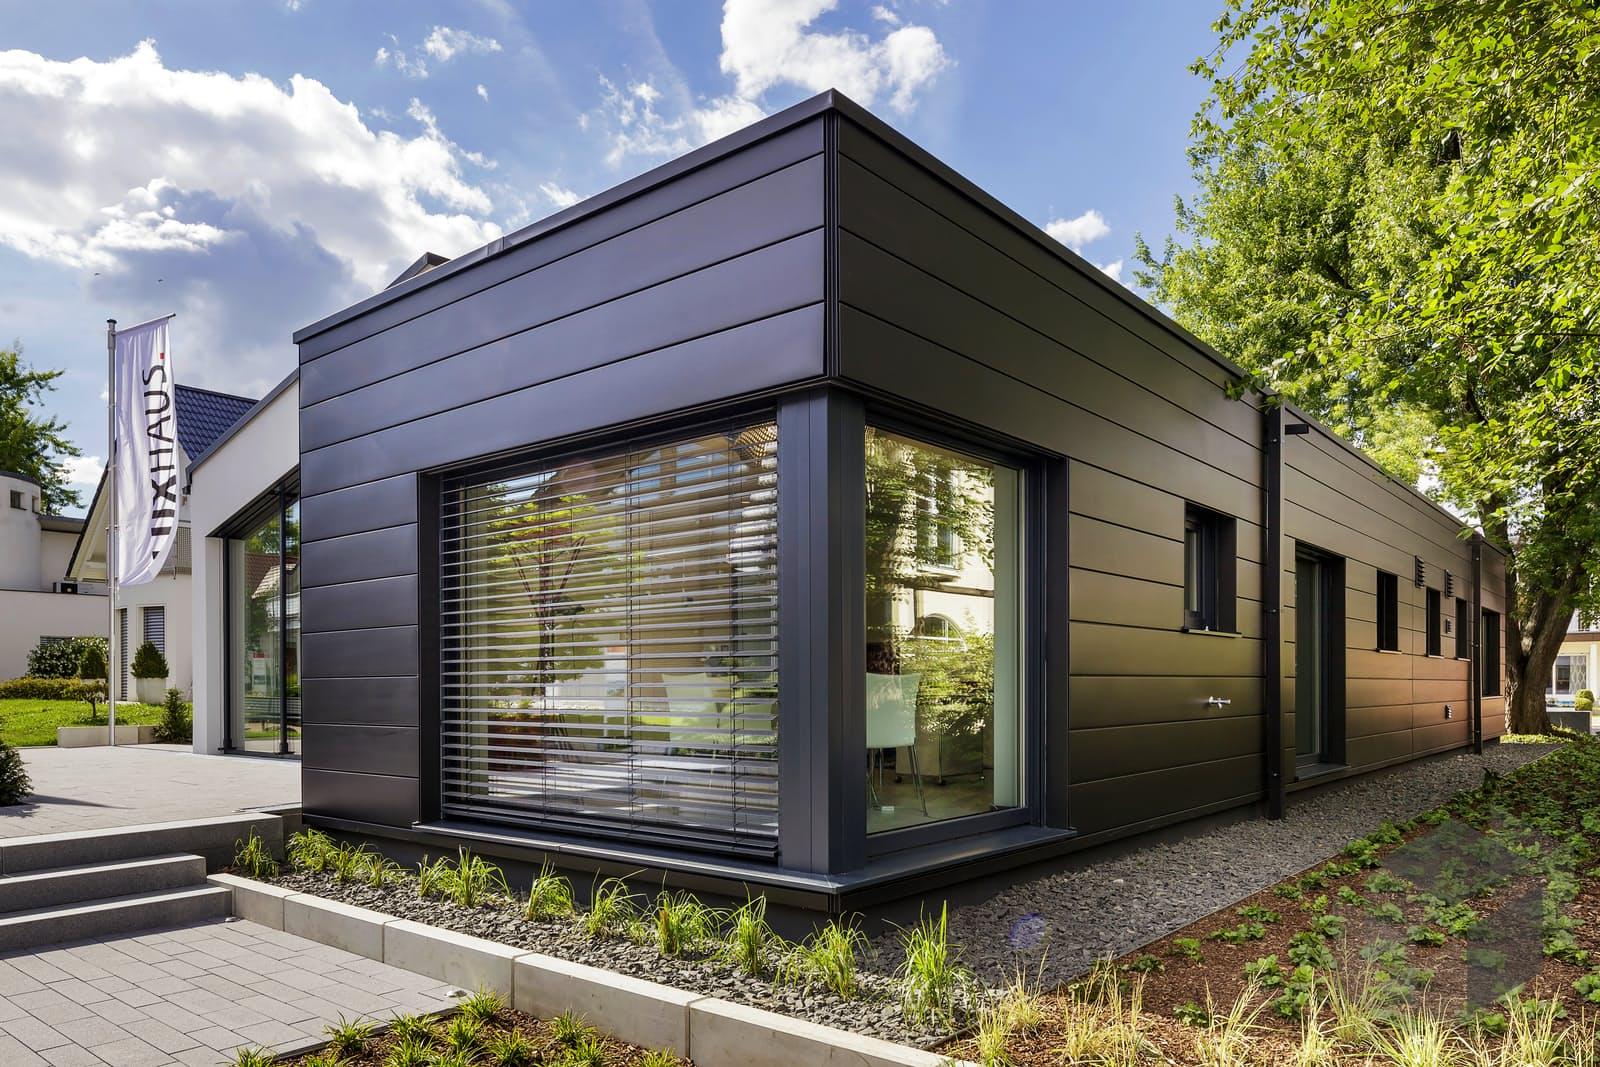 open mh fellbach von luxhaus komplette daten bersicht. Black Bedroom Furniture Sets. Home Design Ideas